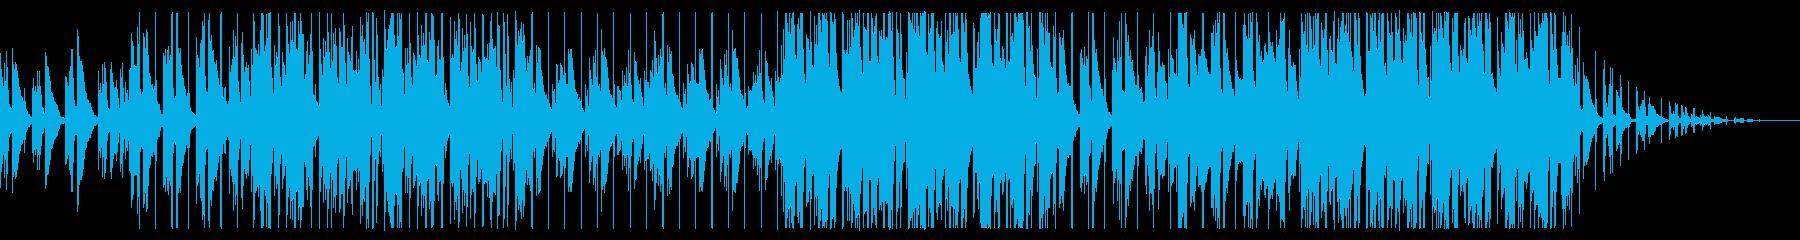 穏やか日常の再生済みの波形